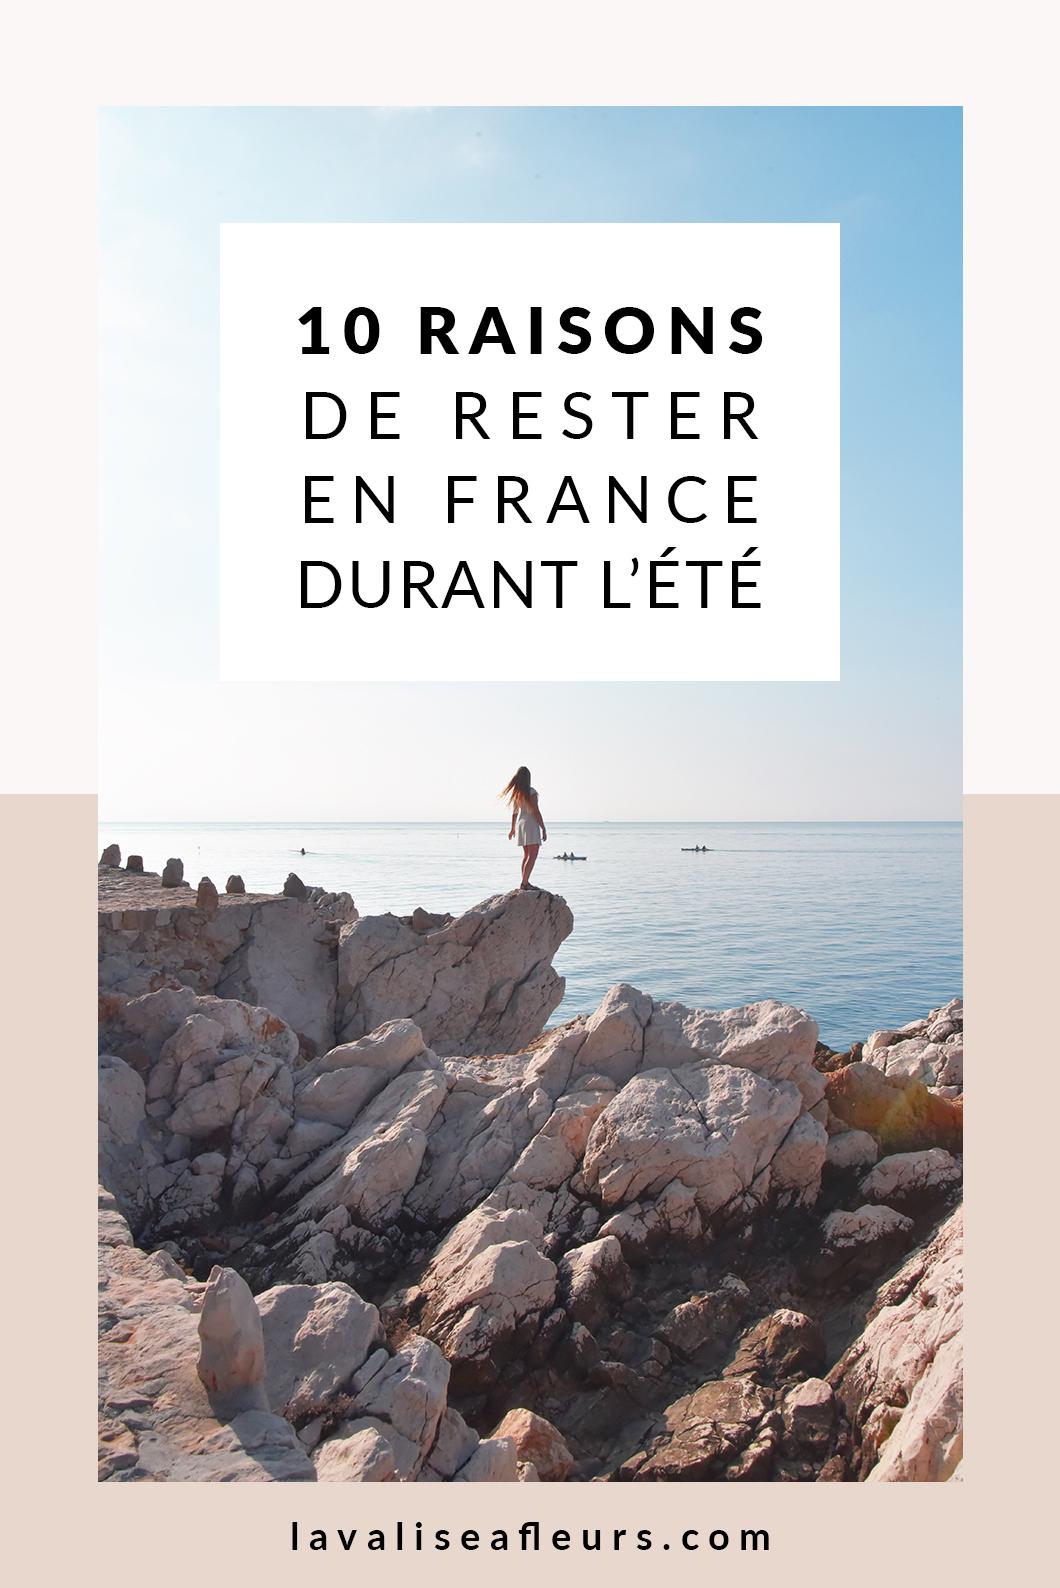 10 raisons de rester en France durant L'été